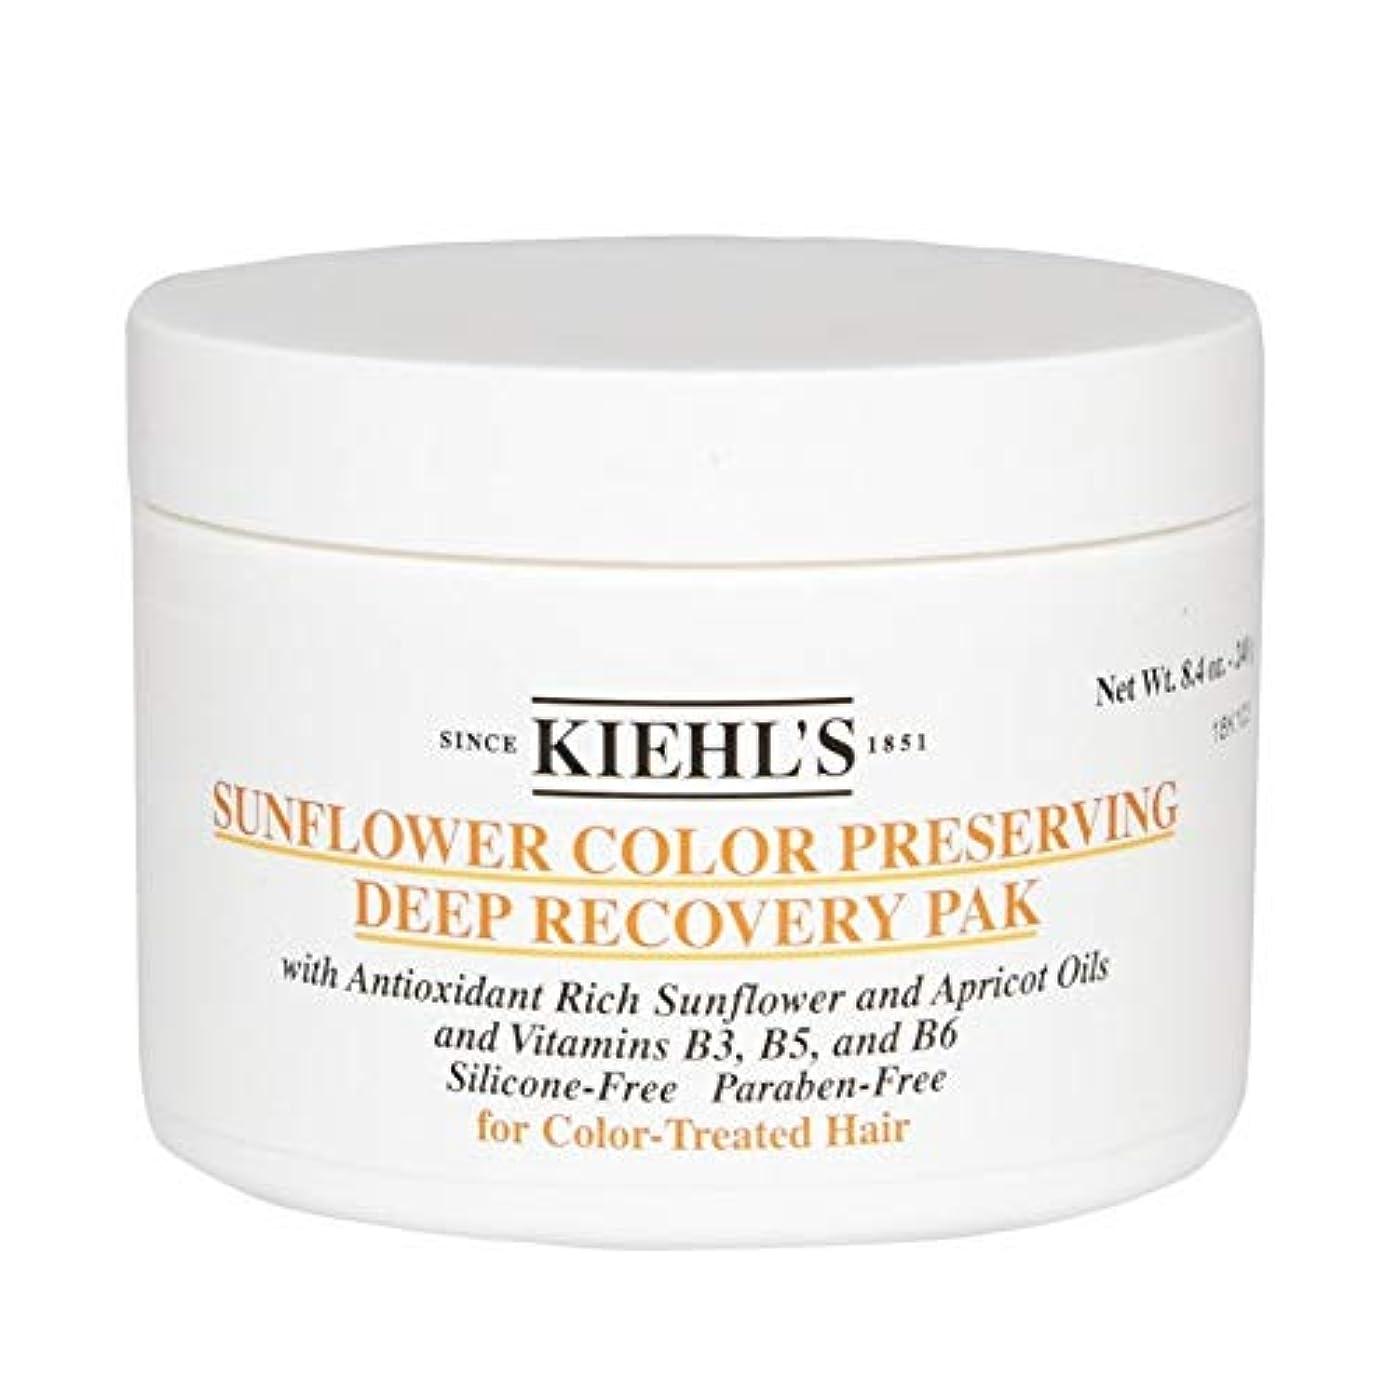 引き潮公平なアイザック[Kiehl's ] キールズひまわり色保存深い回復Pak 250グラム - Kiehl's Sunflower Colour Preserving Deep Recovery Pak 250g [並行輸入品]